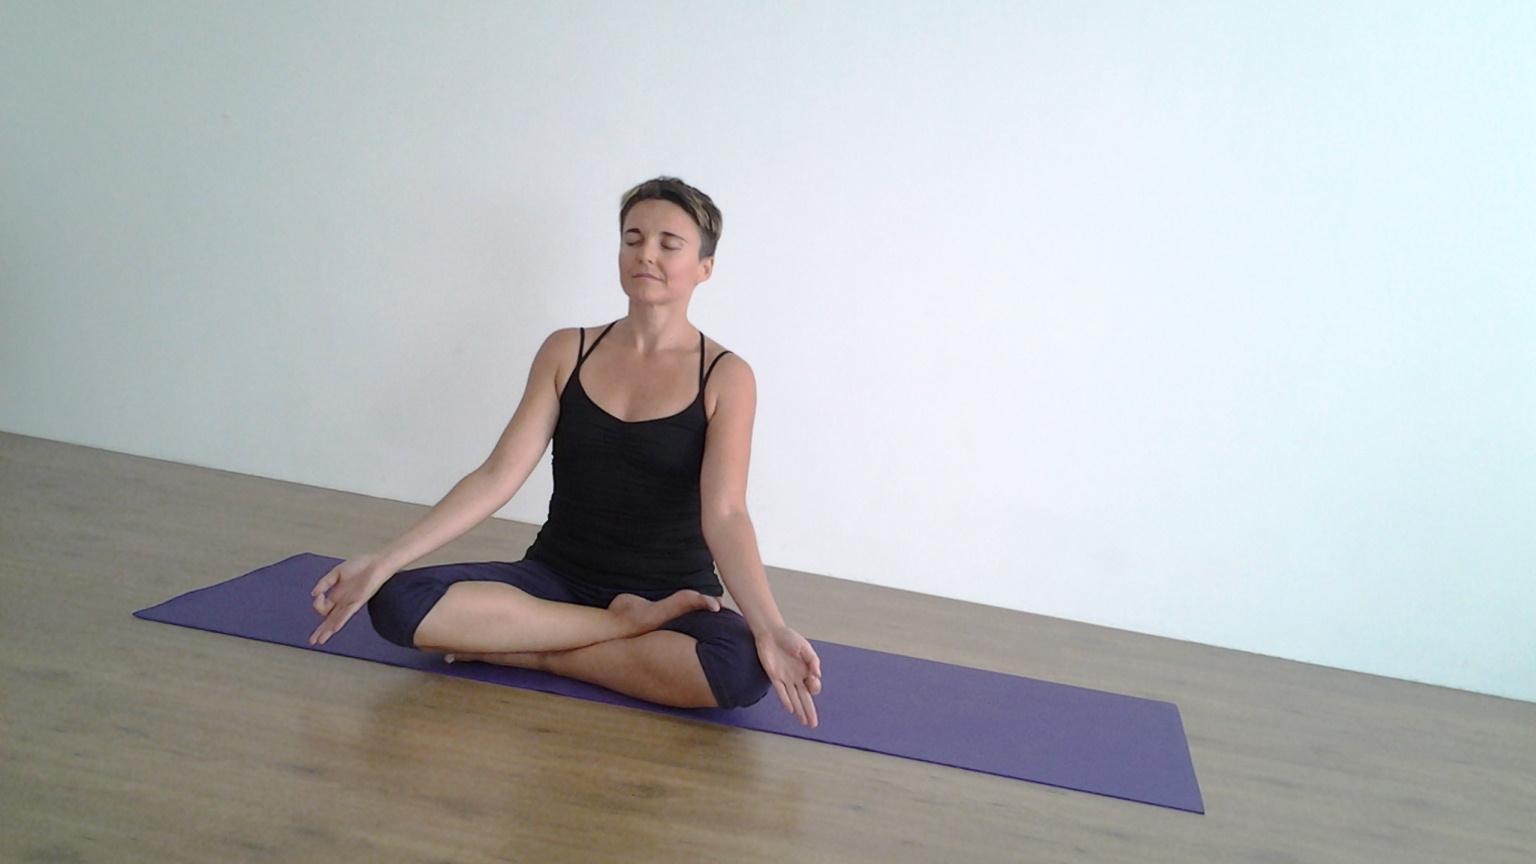 free-yoga-online-gratuito-lezioni-casa-@-home-essere-benessere-salute-alassio-insegno-lucia-ragazzi-free-yoga